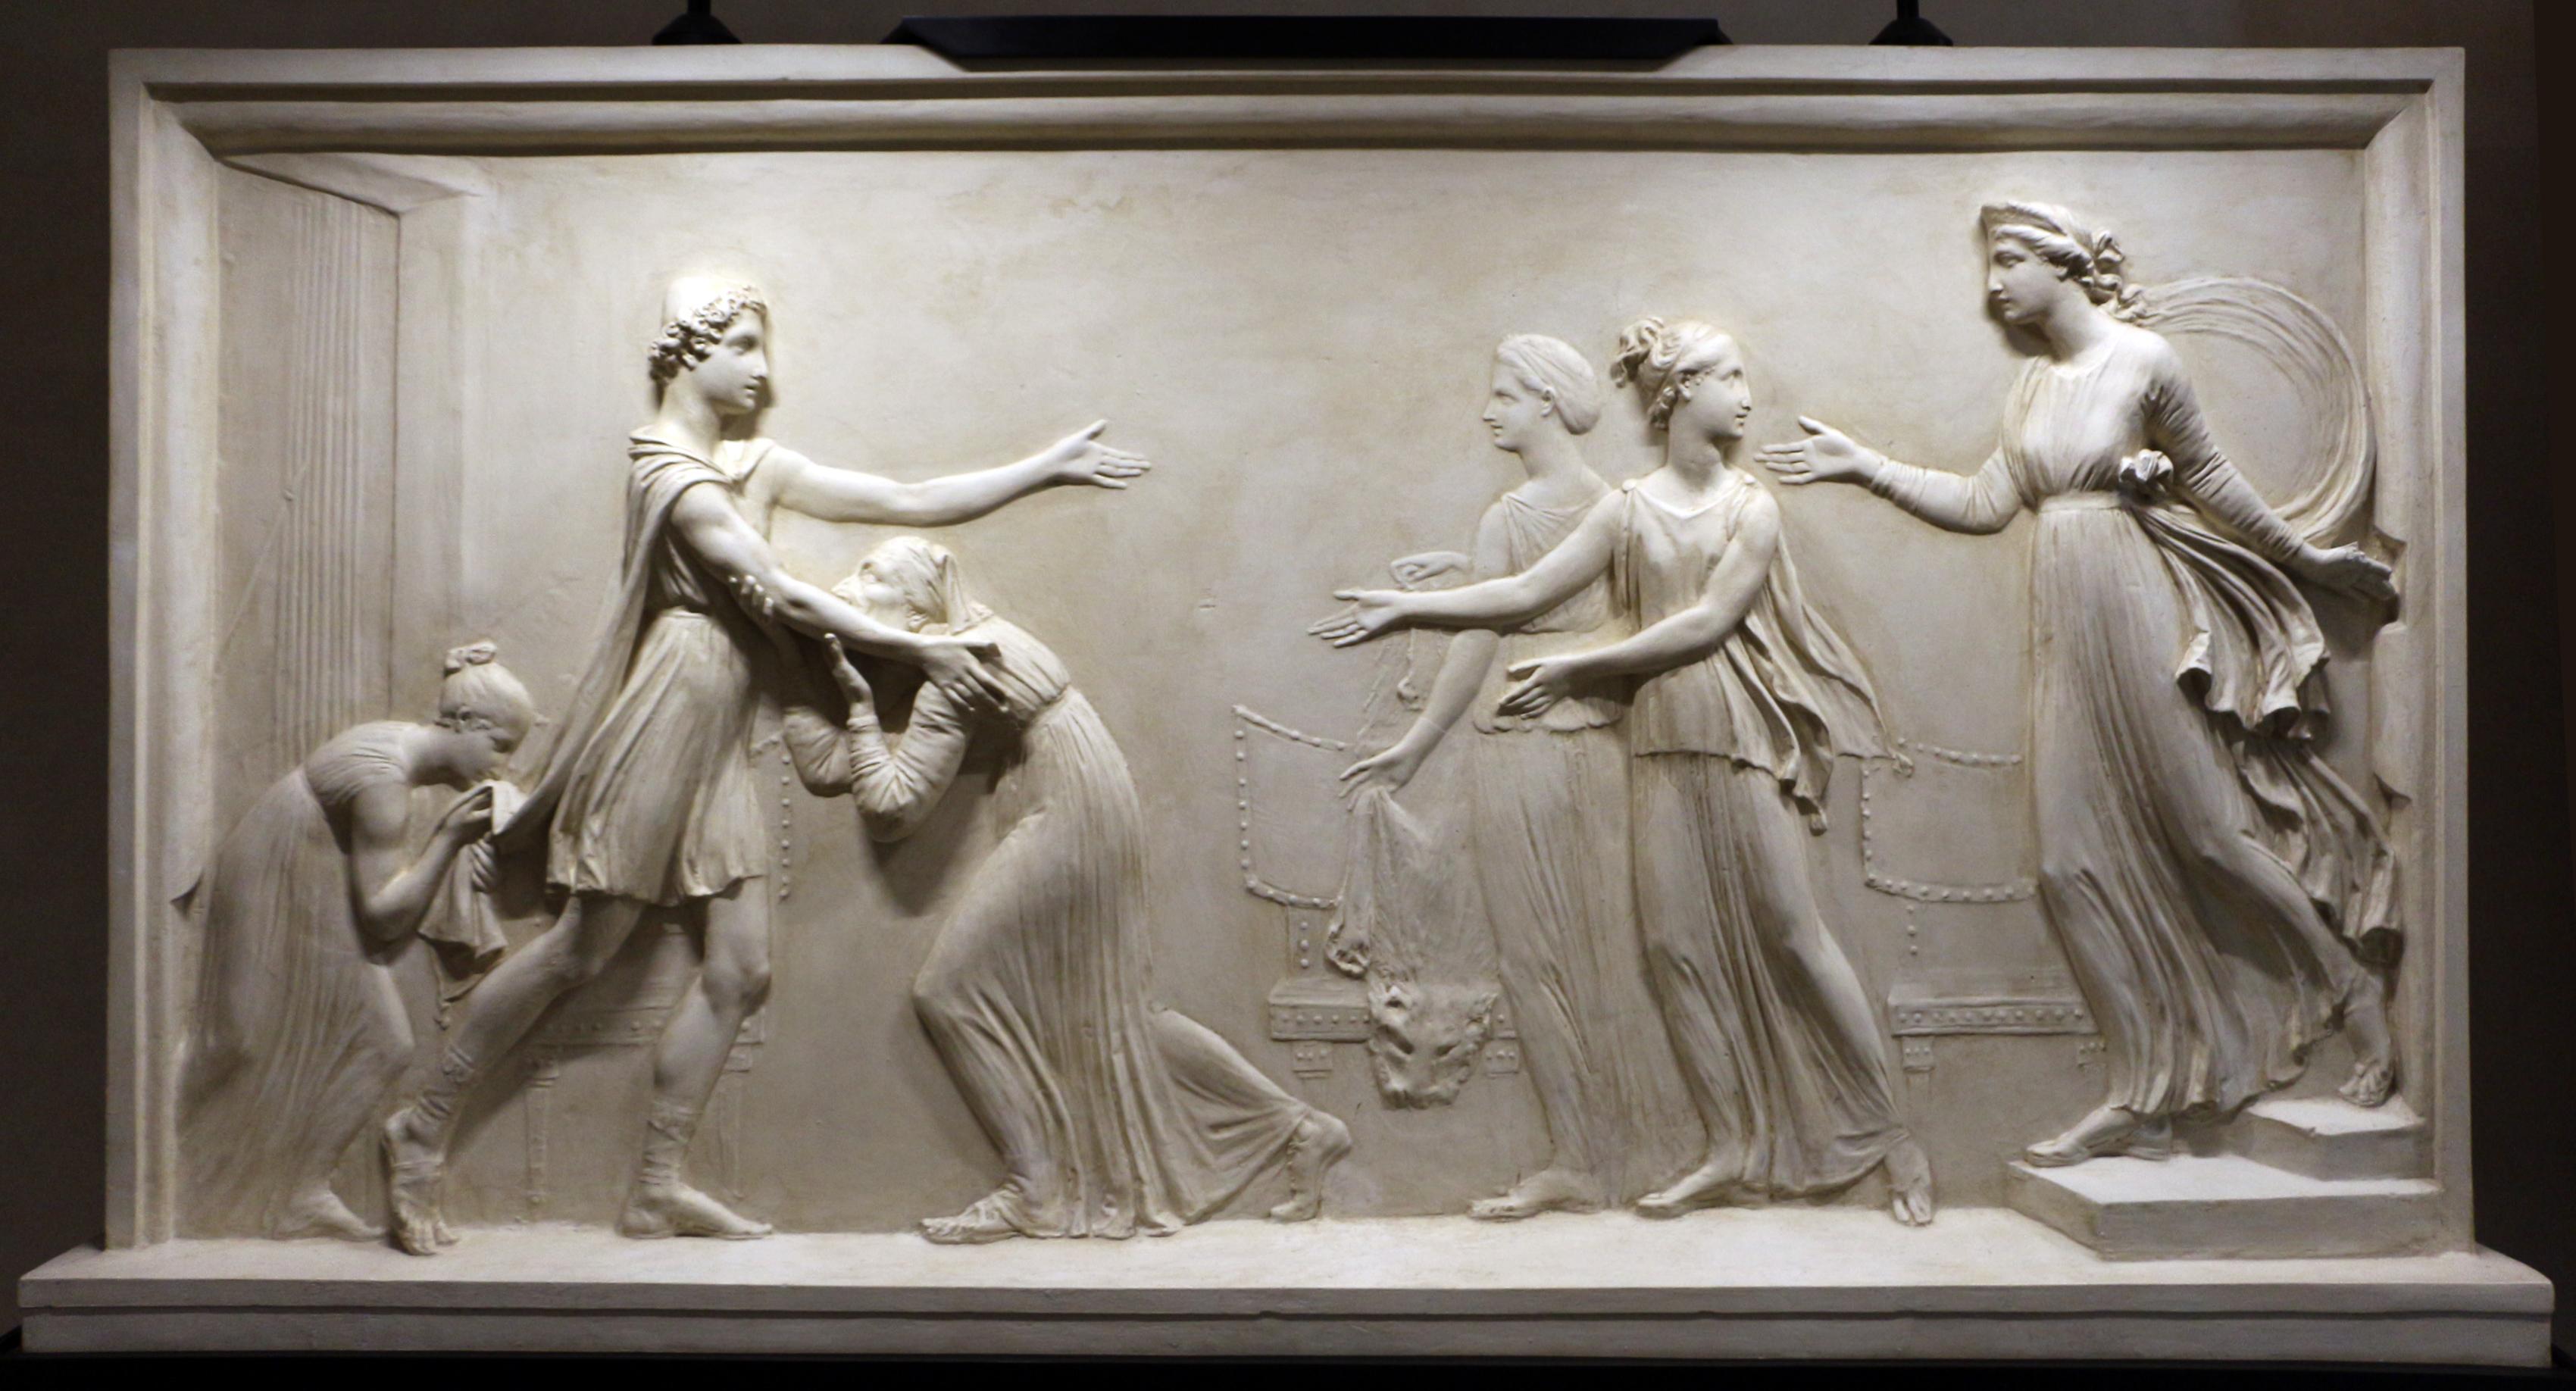 Antonio_canova,_ritorno_di_telemaco_a_itaca_e_incontro_con_penelope,_1787-91,_01